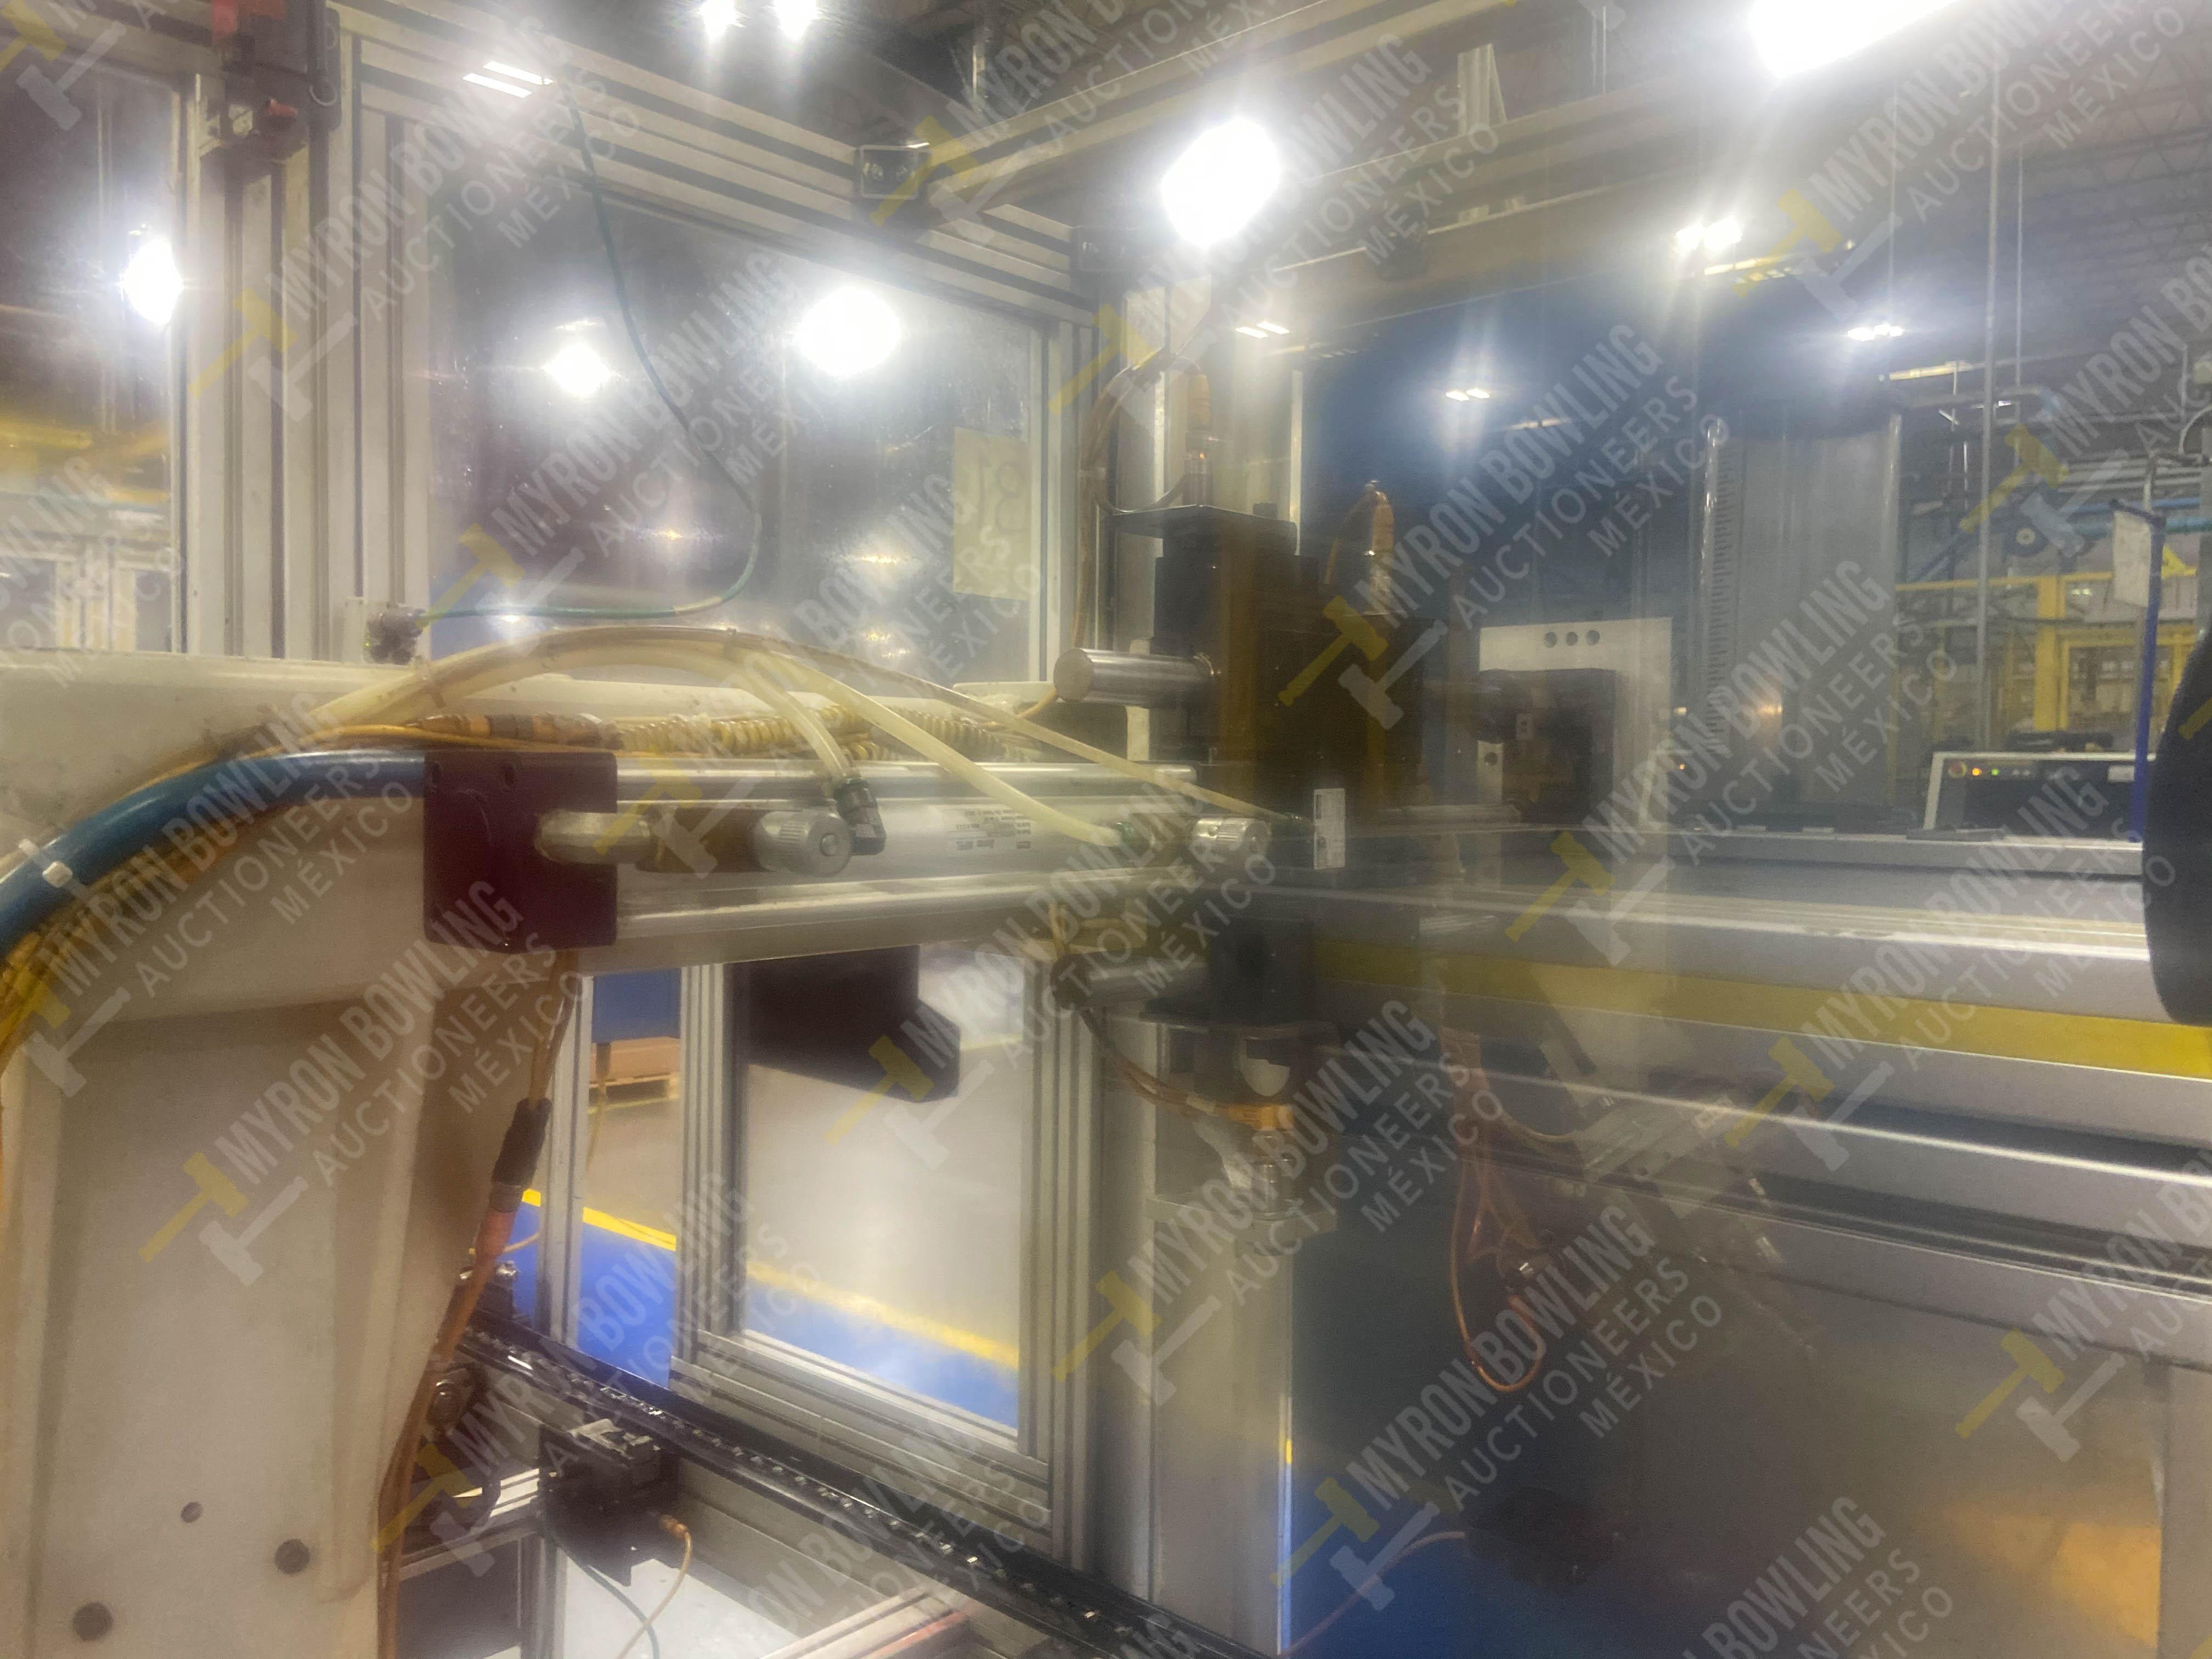 Estación semiautomática para operación 416, contiene: Sistema de llenado de aceite - Image 11 of 20